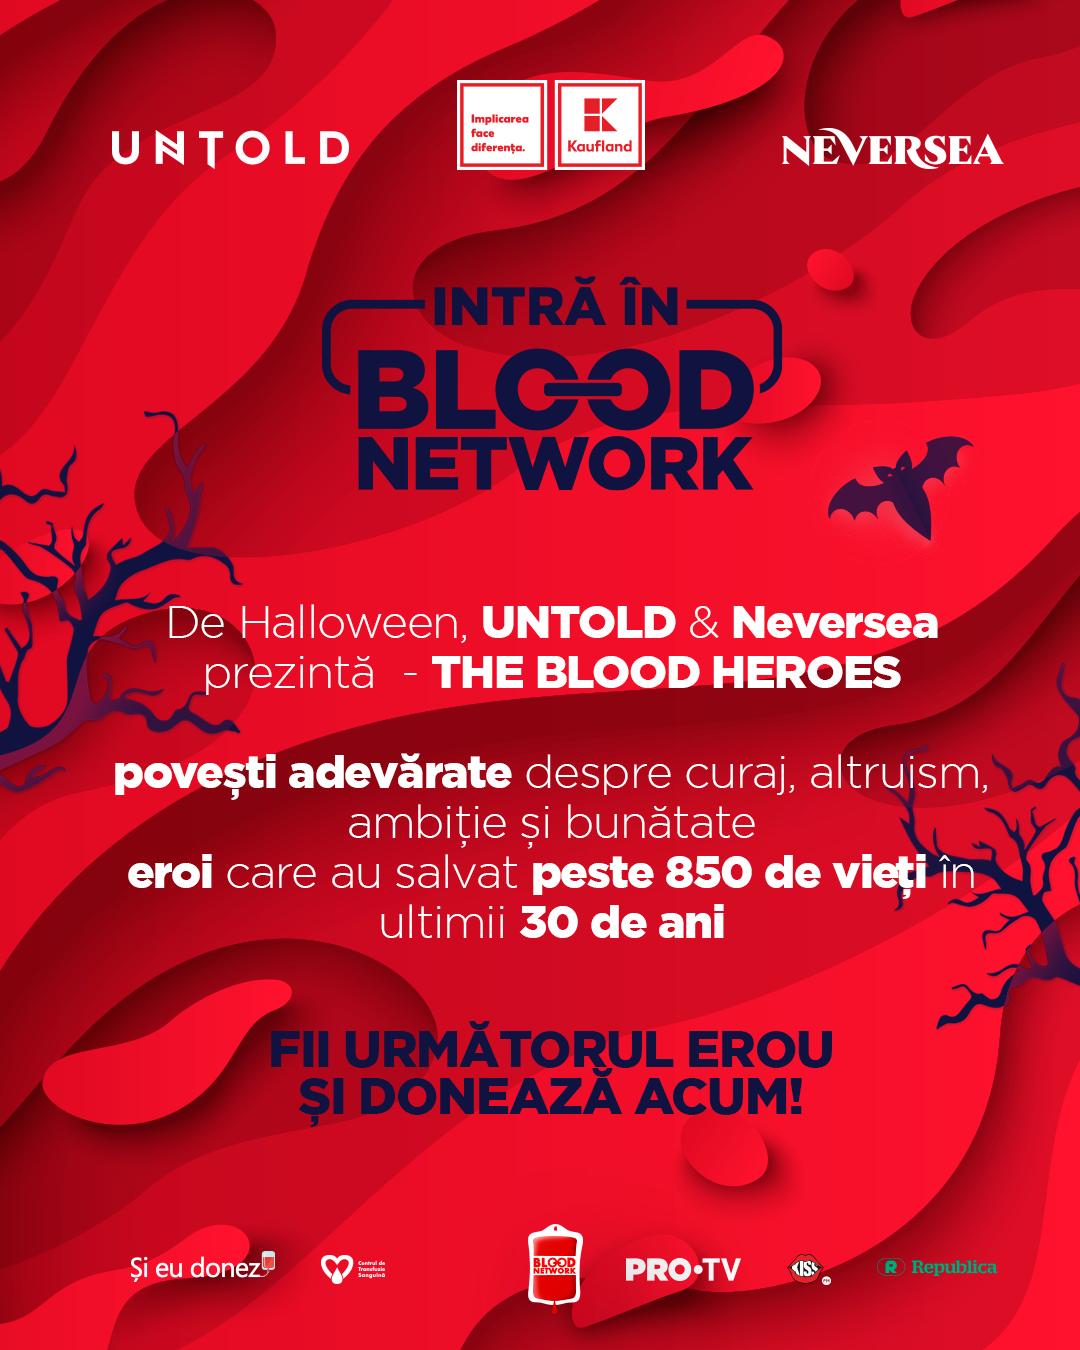 De Halloween, UNTOLD și Neversea prezintă patru oameni care spulberă mitul vampirului și salvează vieți prin donarea de sânge